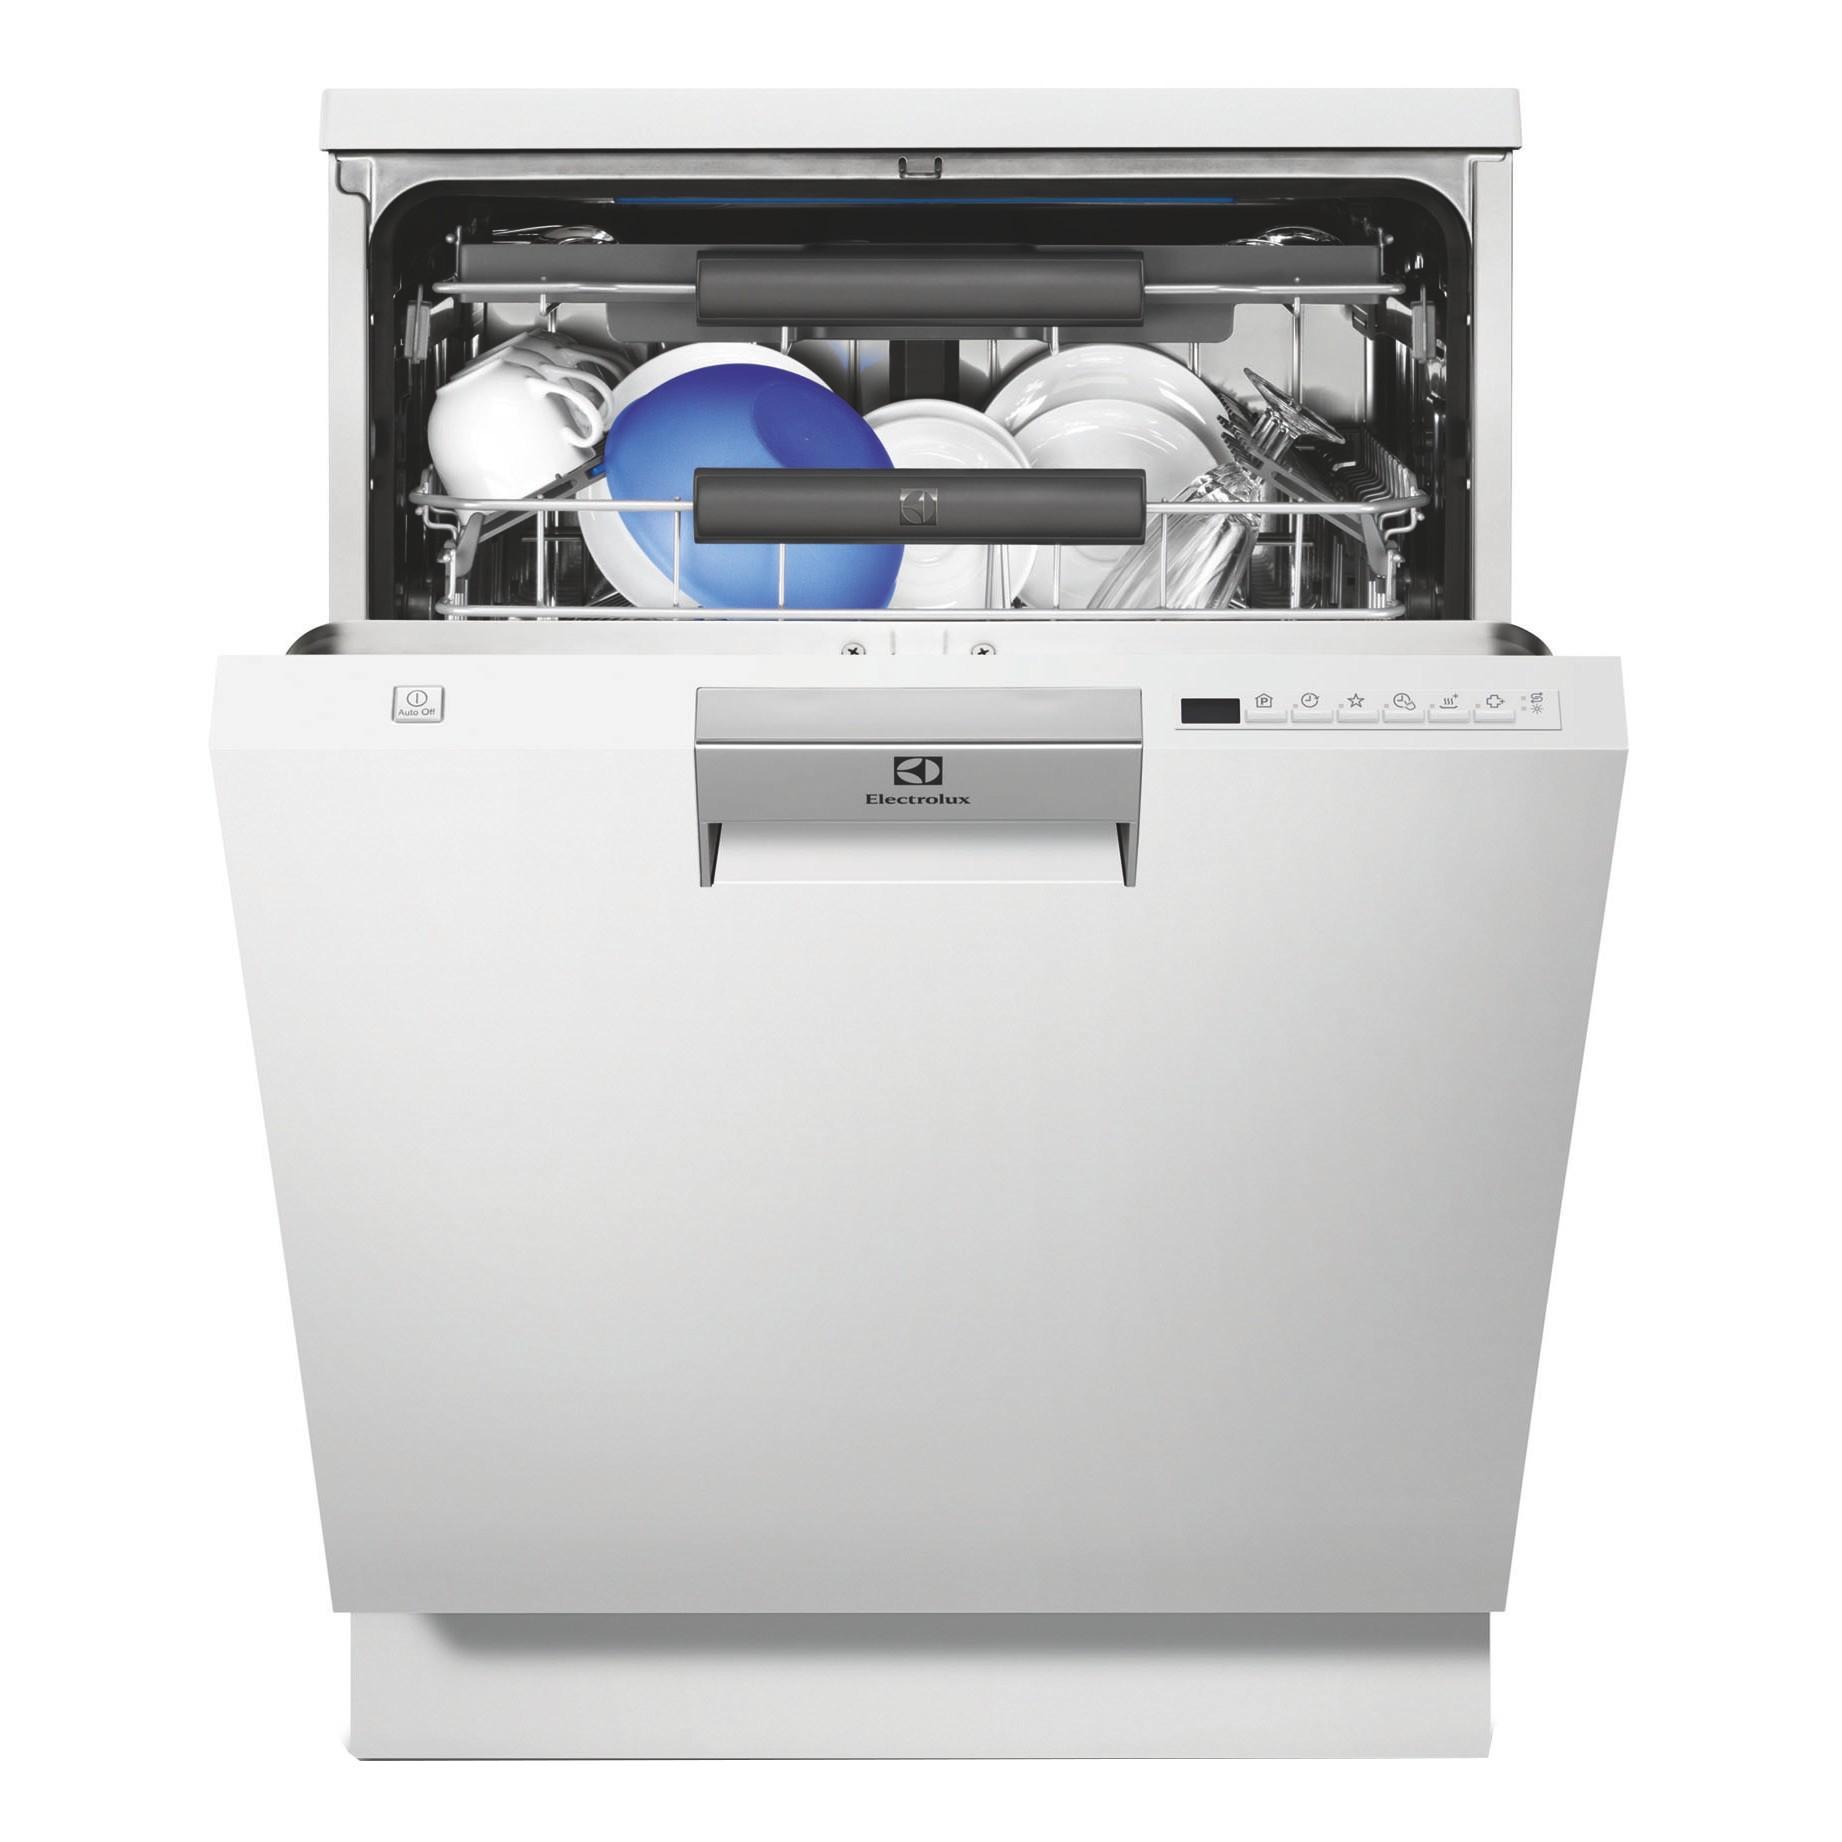 ESF8590ROW : Electrolux oppvaskmaskin ESF8590ROW (hvit)